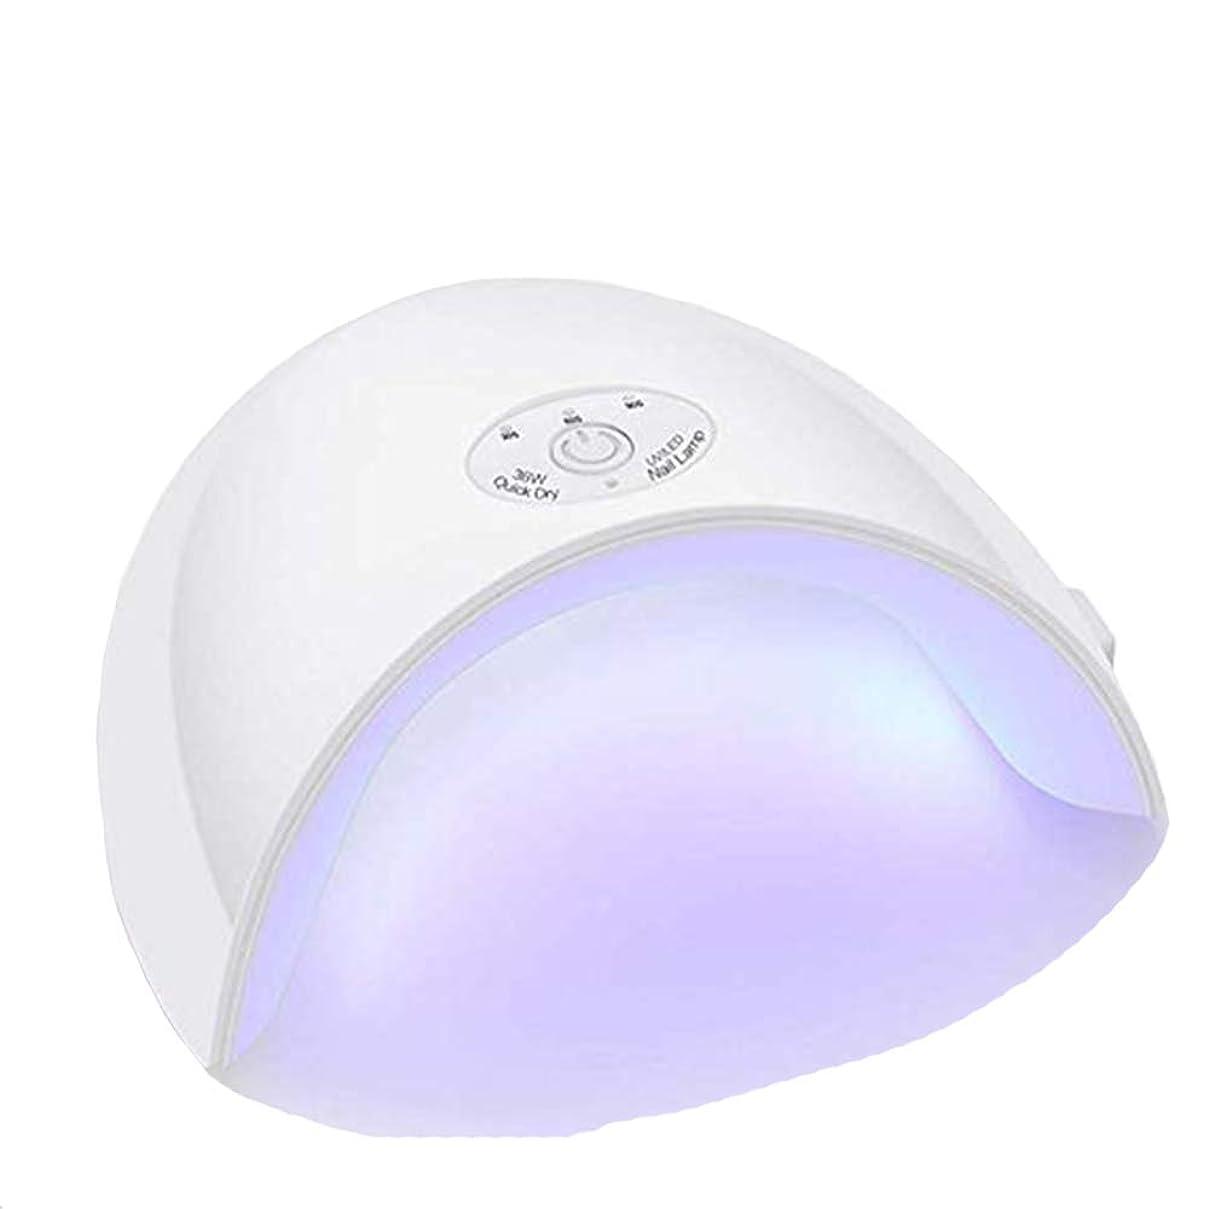 自慢妊娠したマウントネイル光線療法機 ネイルドライヤー - ネイルライト36Wプロフェッショナルキュアライトジェル研磨用30/60/90タイマーと自動センサーLEDネイルドライヤー